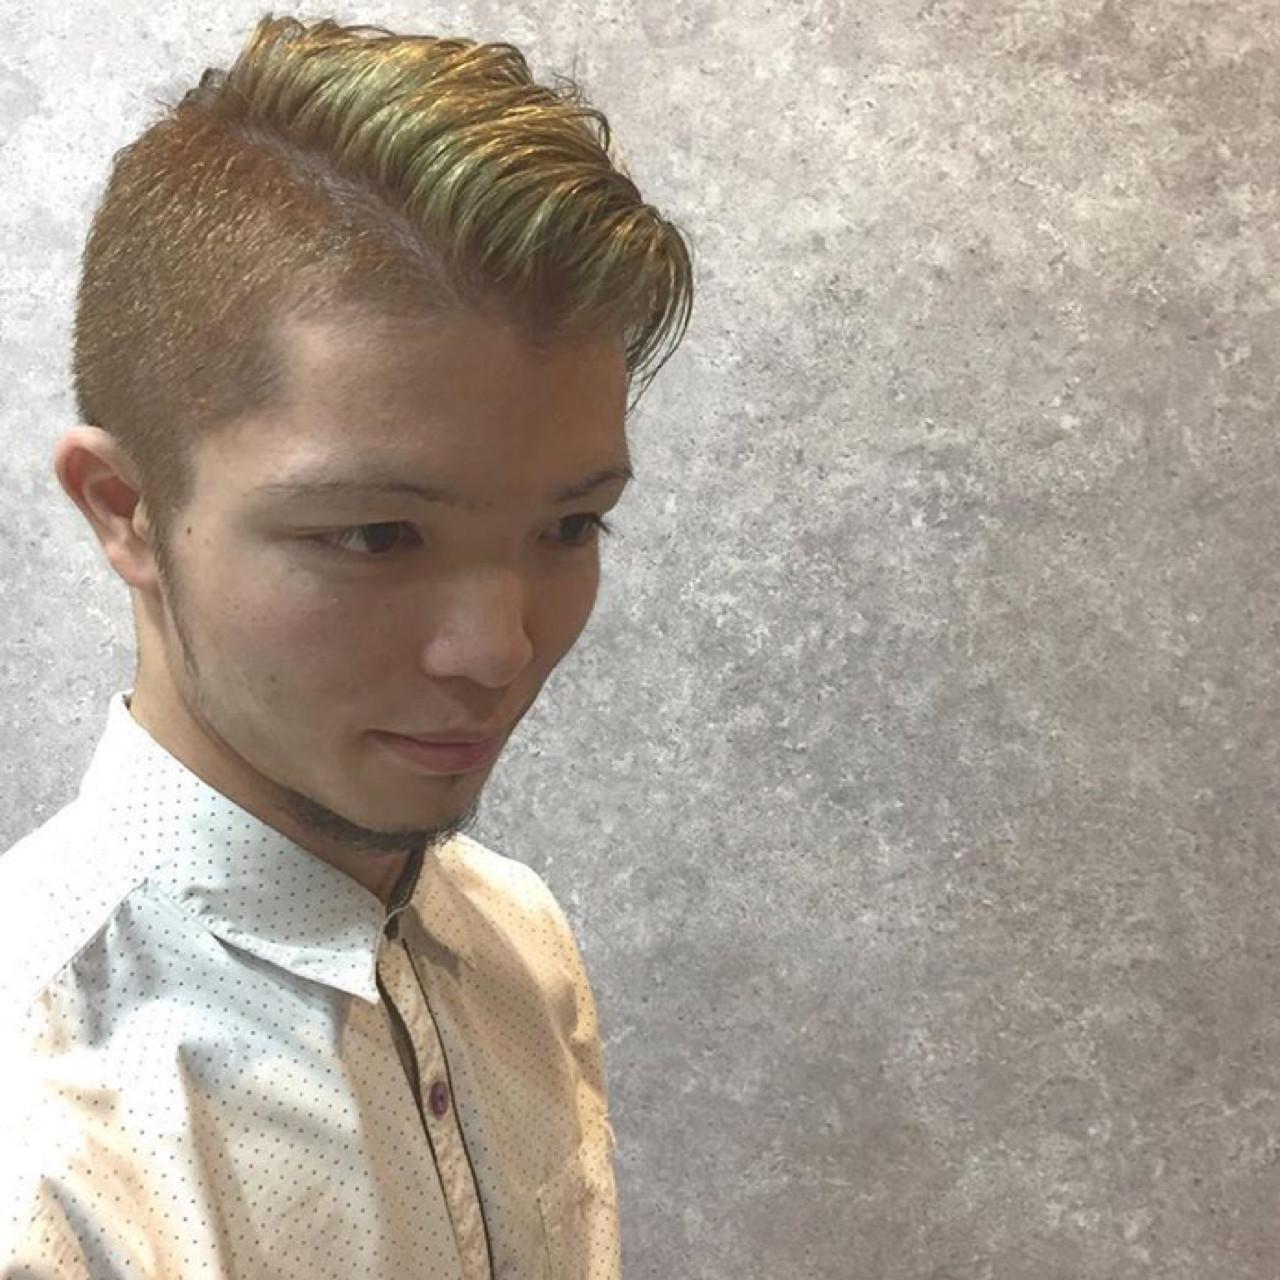 メンズ 外国人風 外国人風カラー ブリーチ ヘアスタイルや髪型の写真・画像